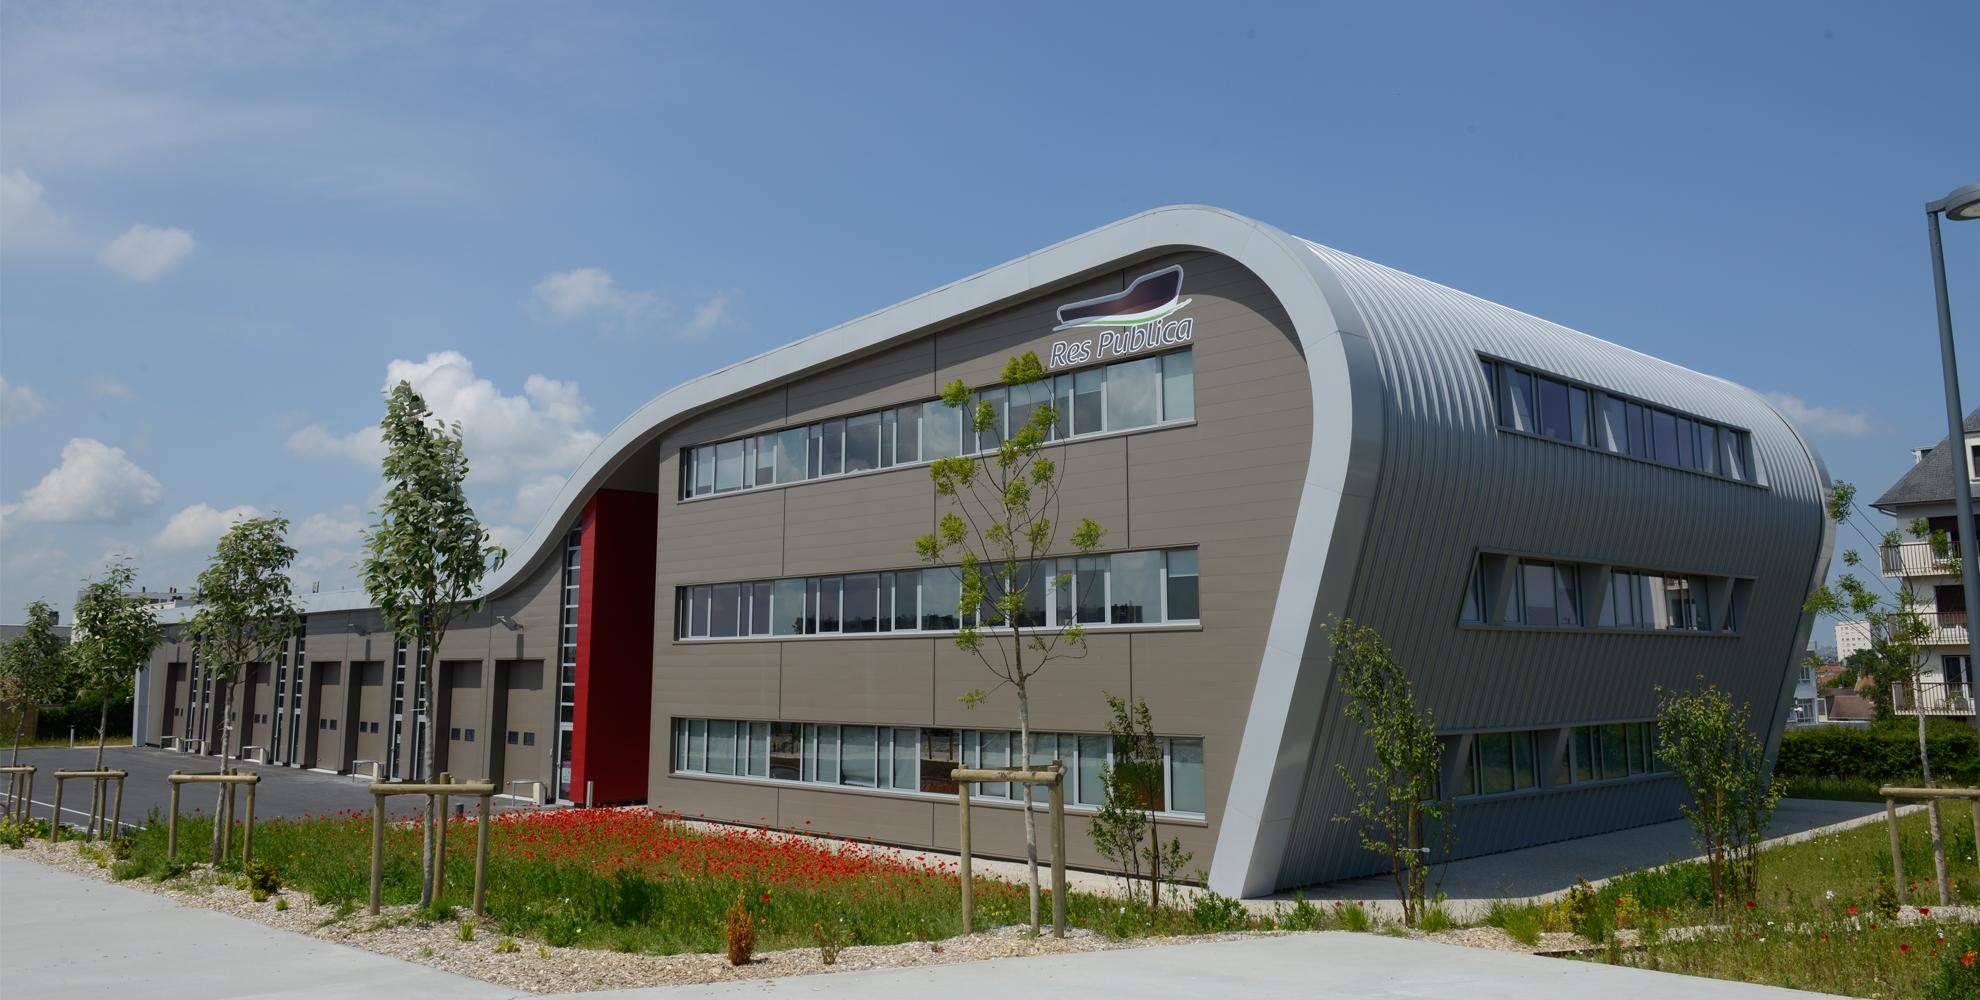 Caen bureau aménagé de m² en zone franche urbaine normandie